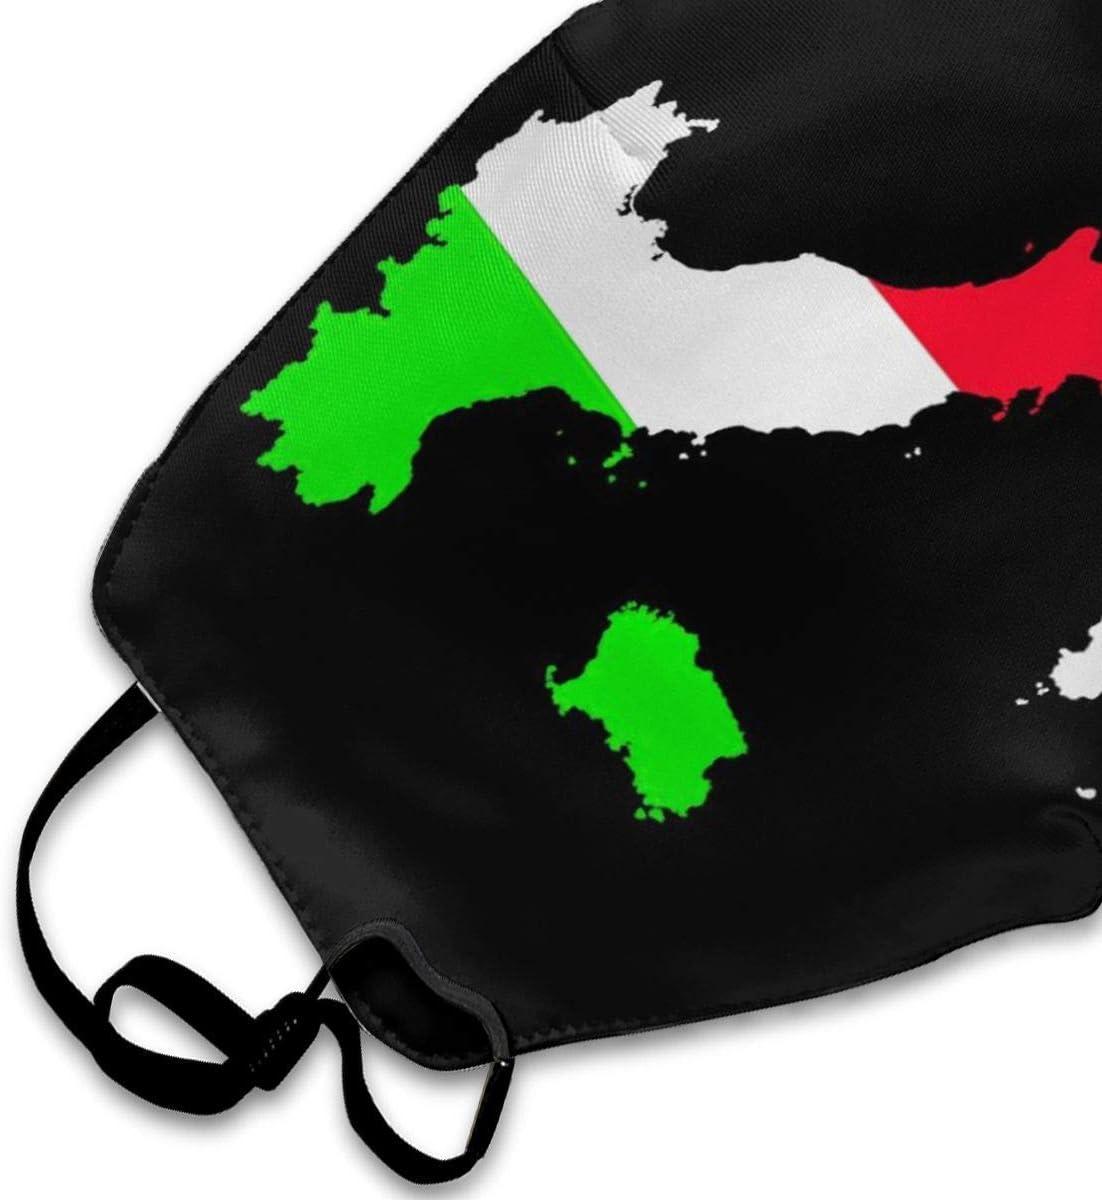 Italien Flagge,halbe Gesichtsbedeckung,Winddichte Gesichtsdekorationen,Verstellbarer Ohrb/ügel,Mundh/ülle,staubdichter Mundschutz